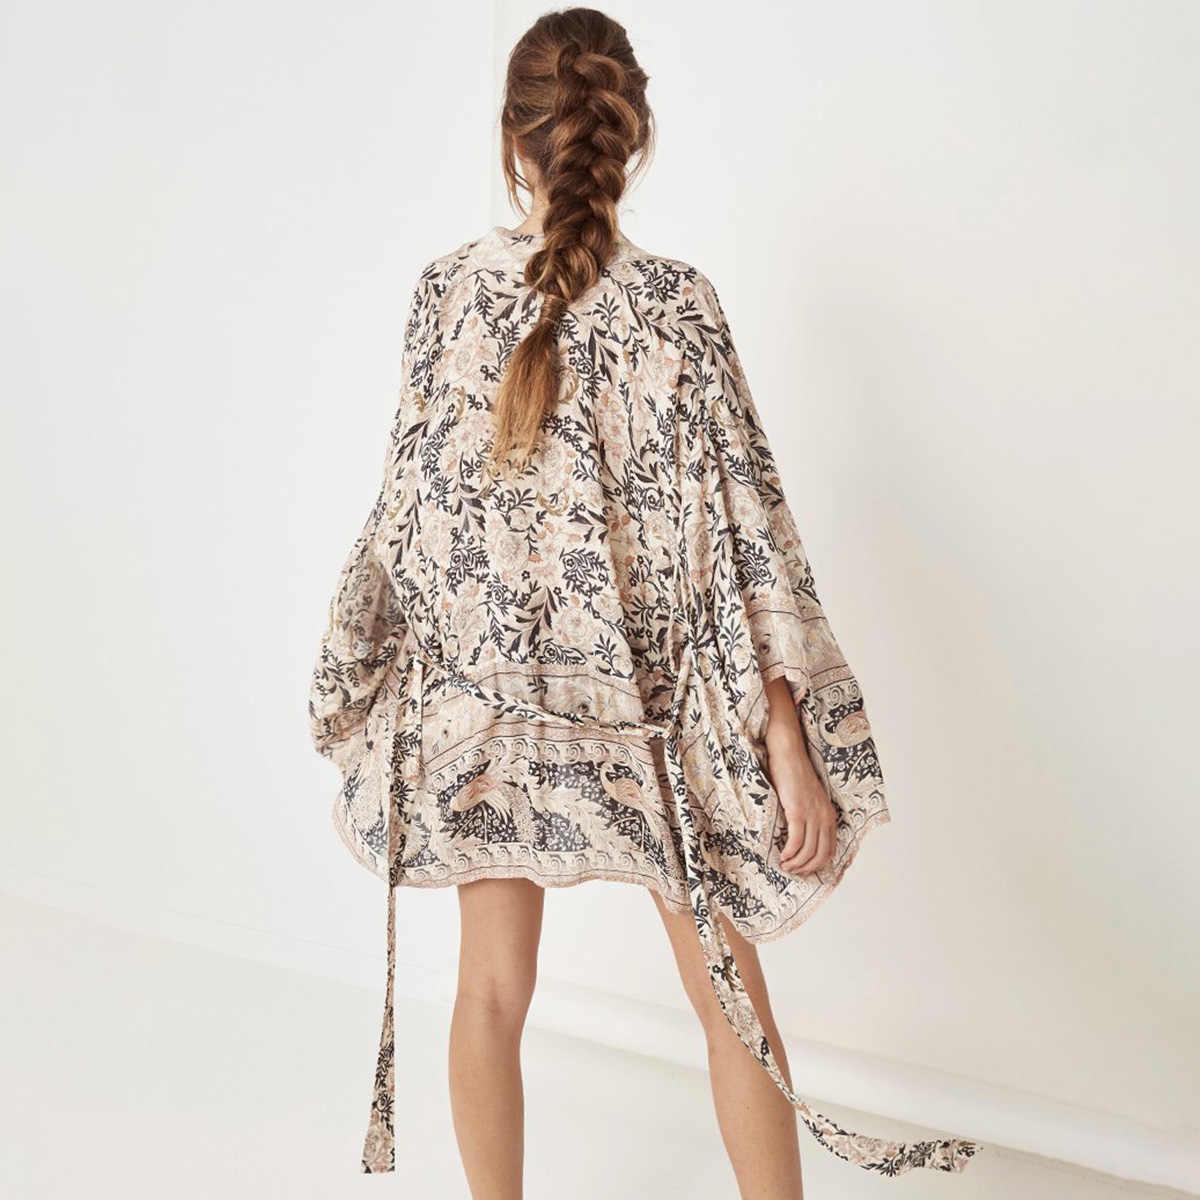 Oasis Boho Короткое Кимоно для женщин 2019 Лето с коротким рукавом цветочный принт Кардиган Куртка женская богемная пляжная одежда верхняя одежда